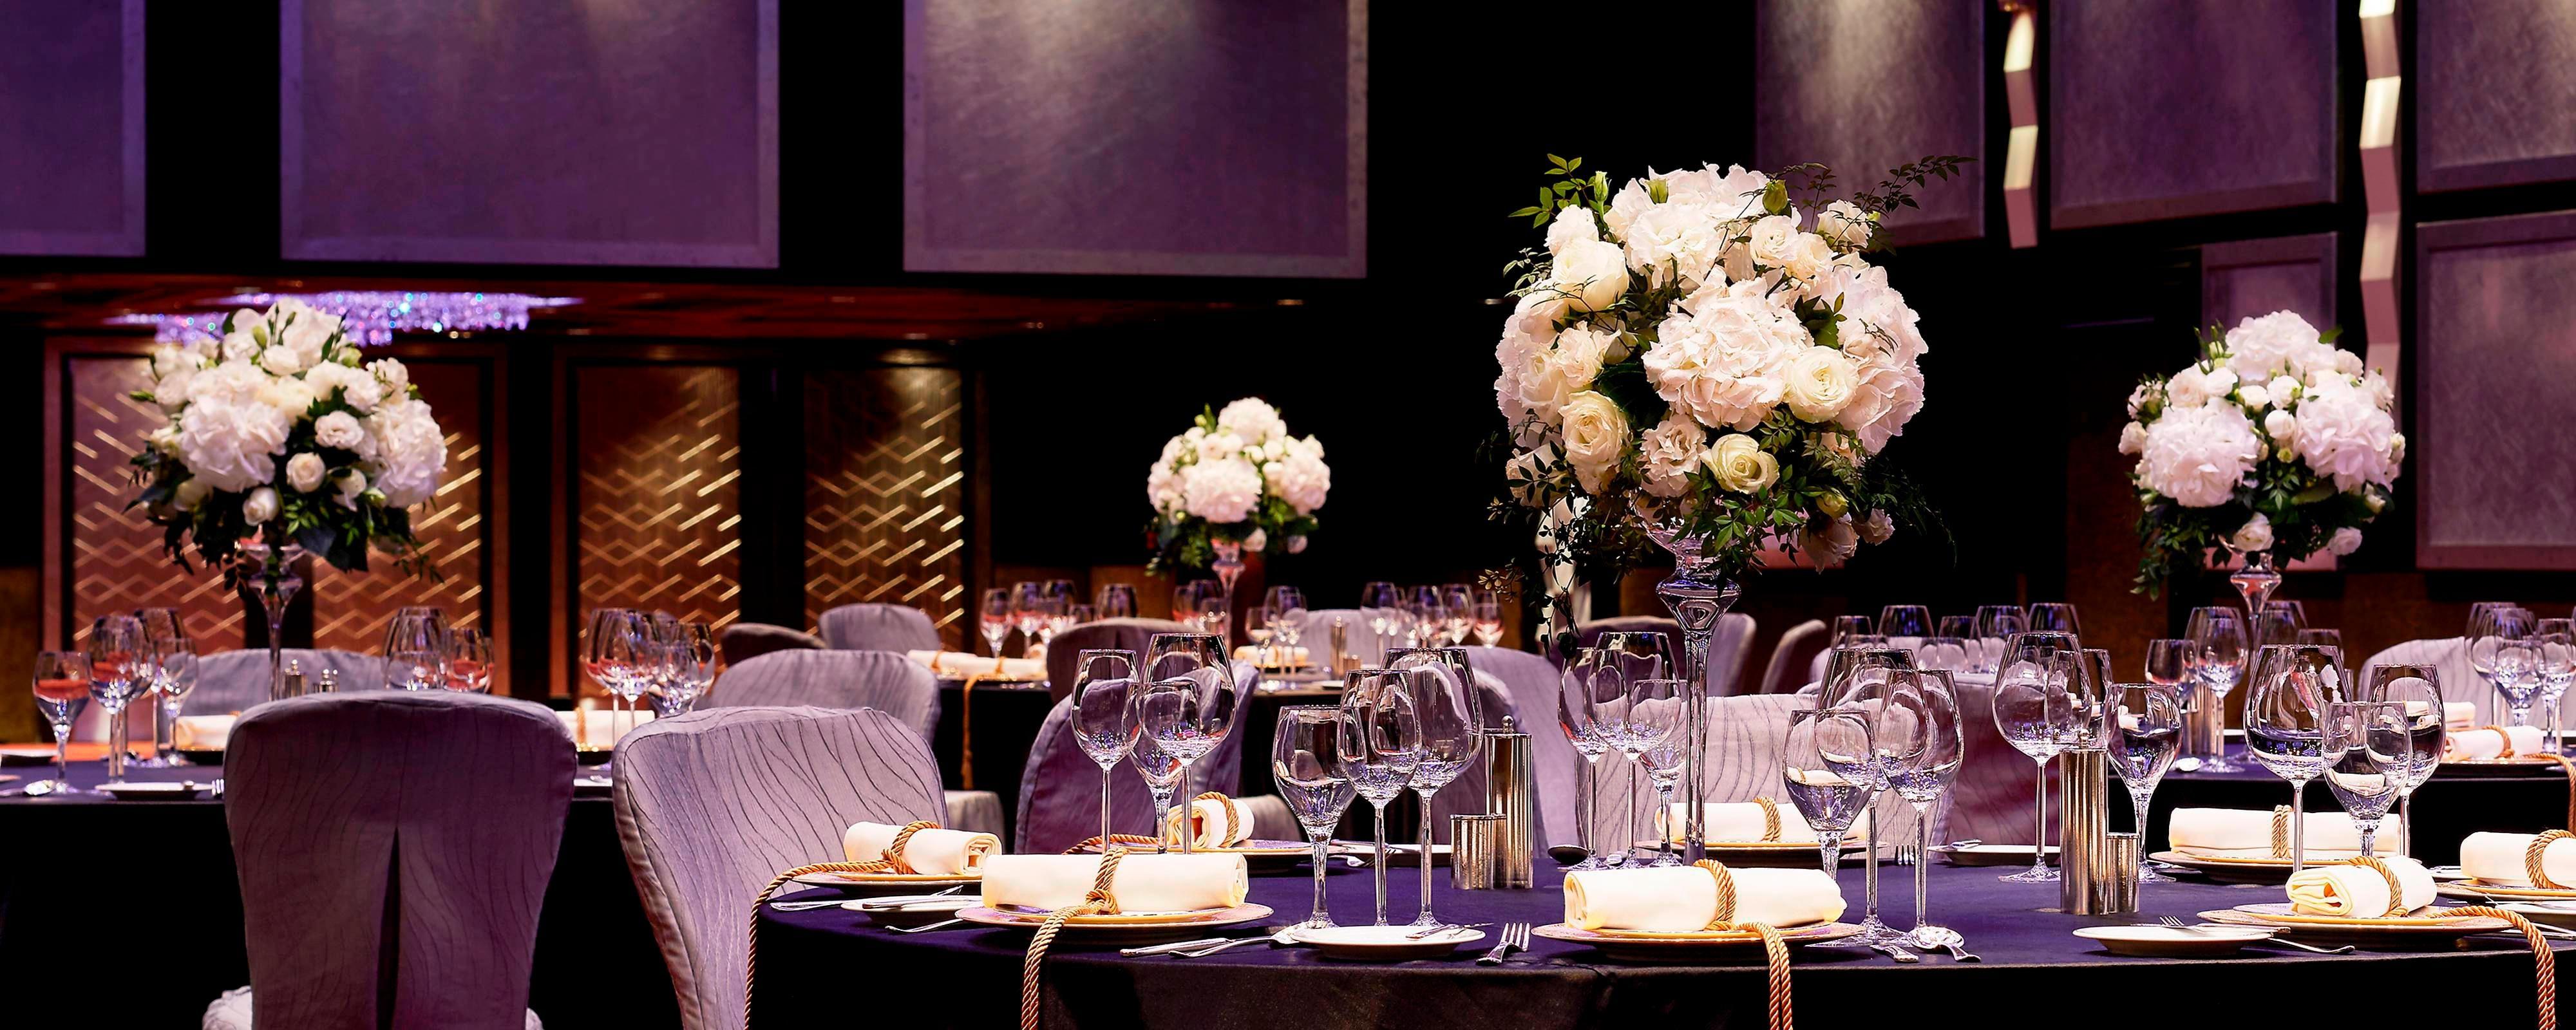 Ballroom- Gala Dinner